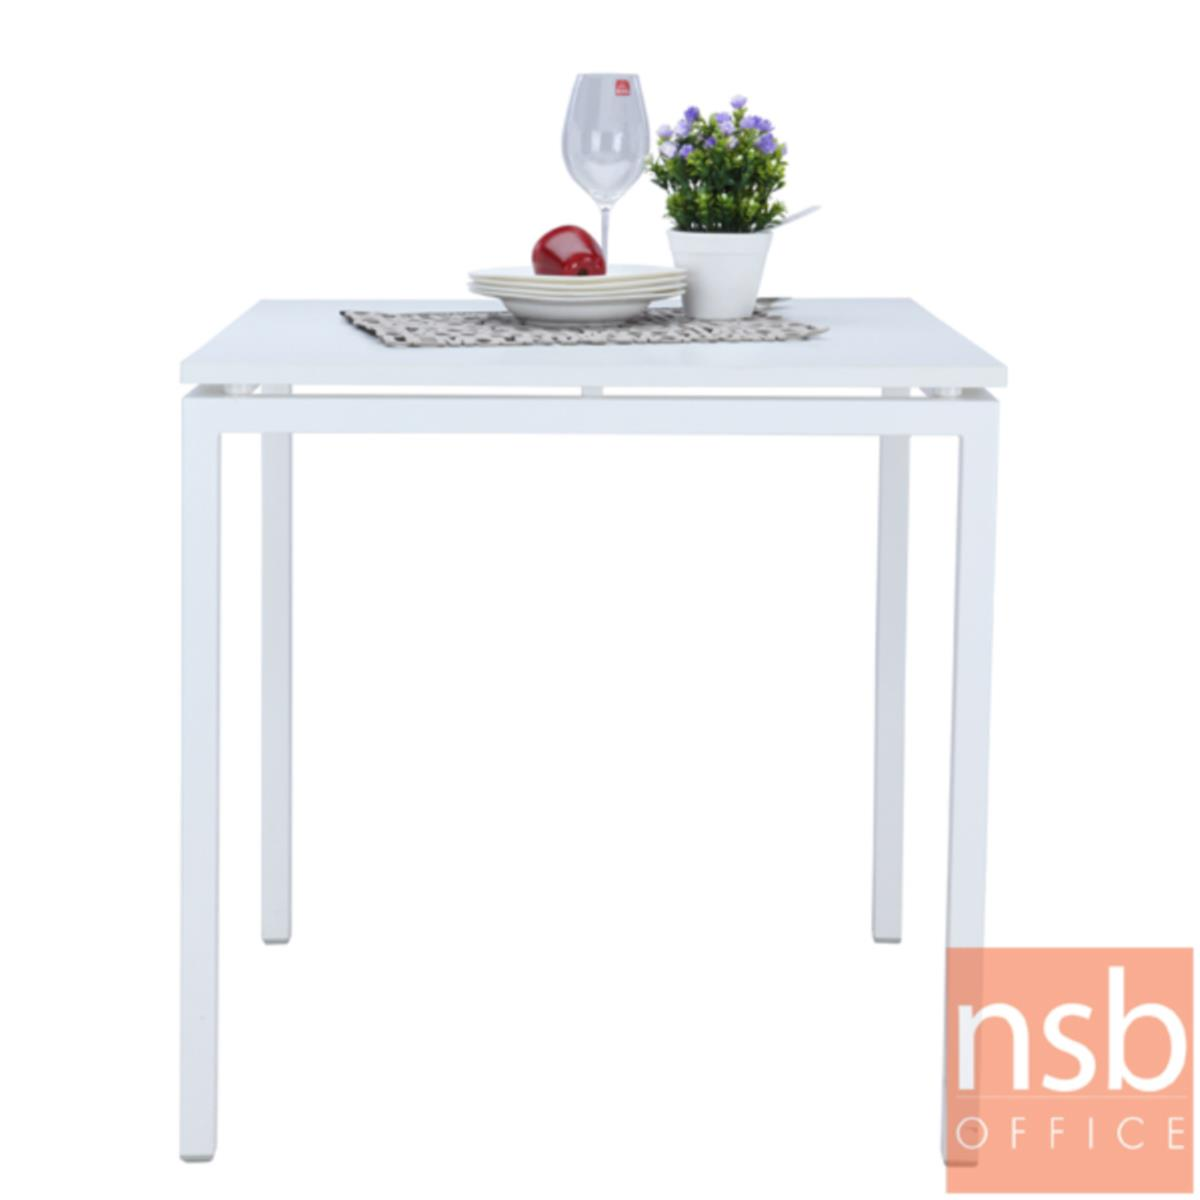 A14A208:โต๊ะไม้เมลามีน รุ่น Hazel (ฮาเซล) ขนาด 75W*75D cm.  ขาเหล็กพ่นสี